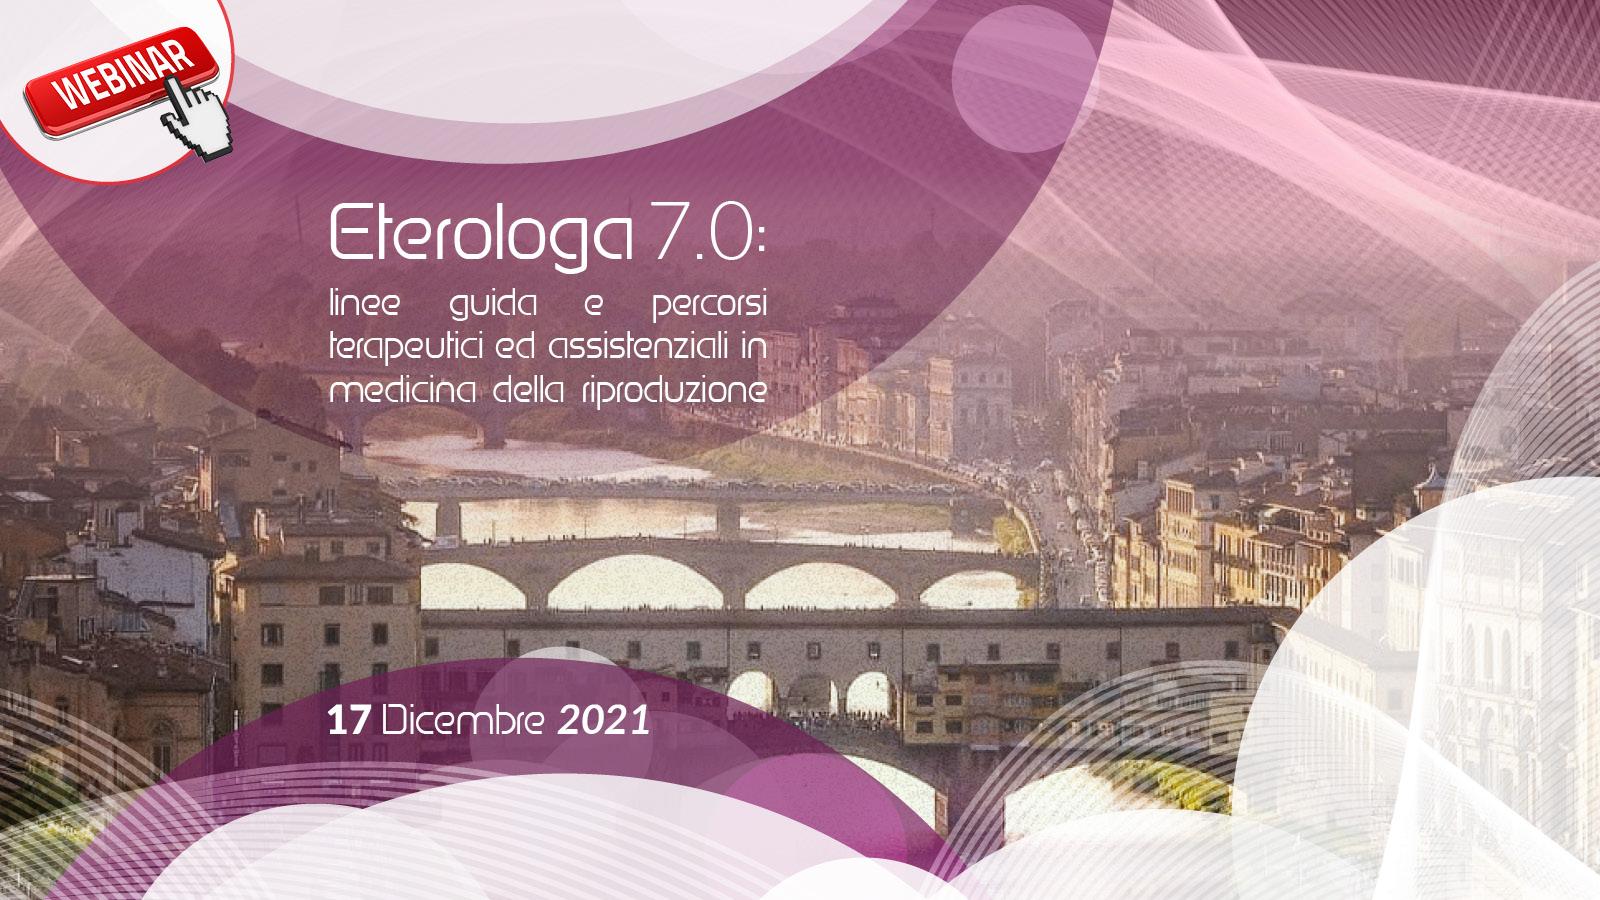 Eterologa 7.0: linee guida e percorsi terapeutici ed assistenziali in medicina della riproduzione